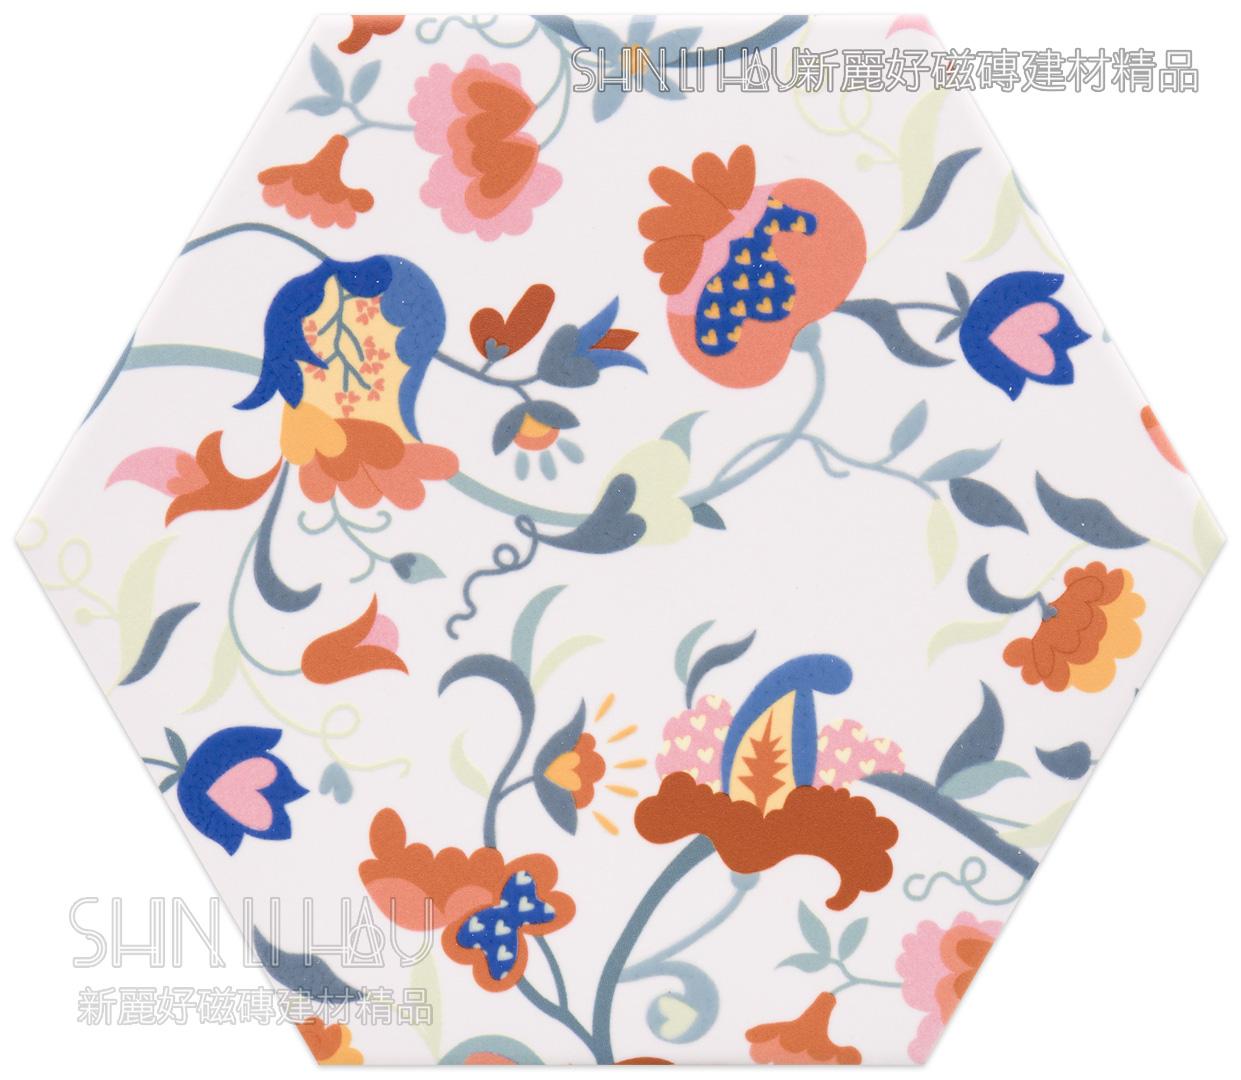 織彩六角磚-亮面 - 春花